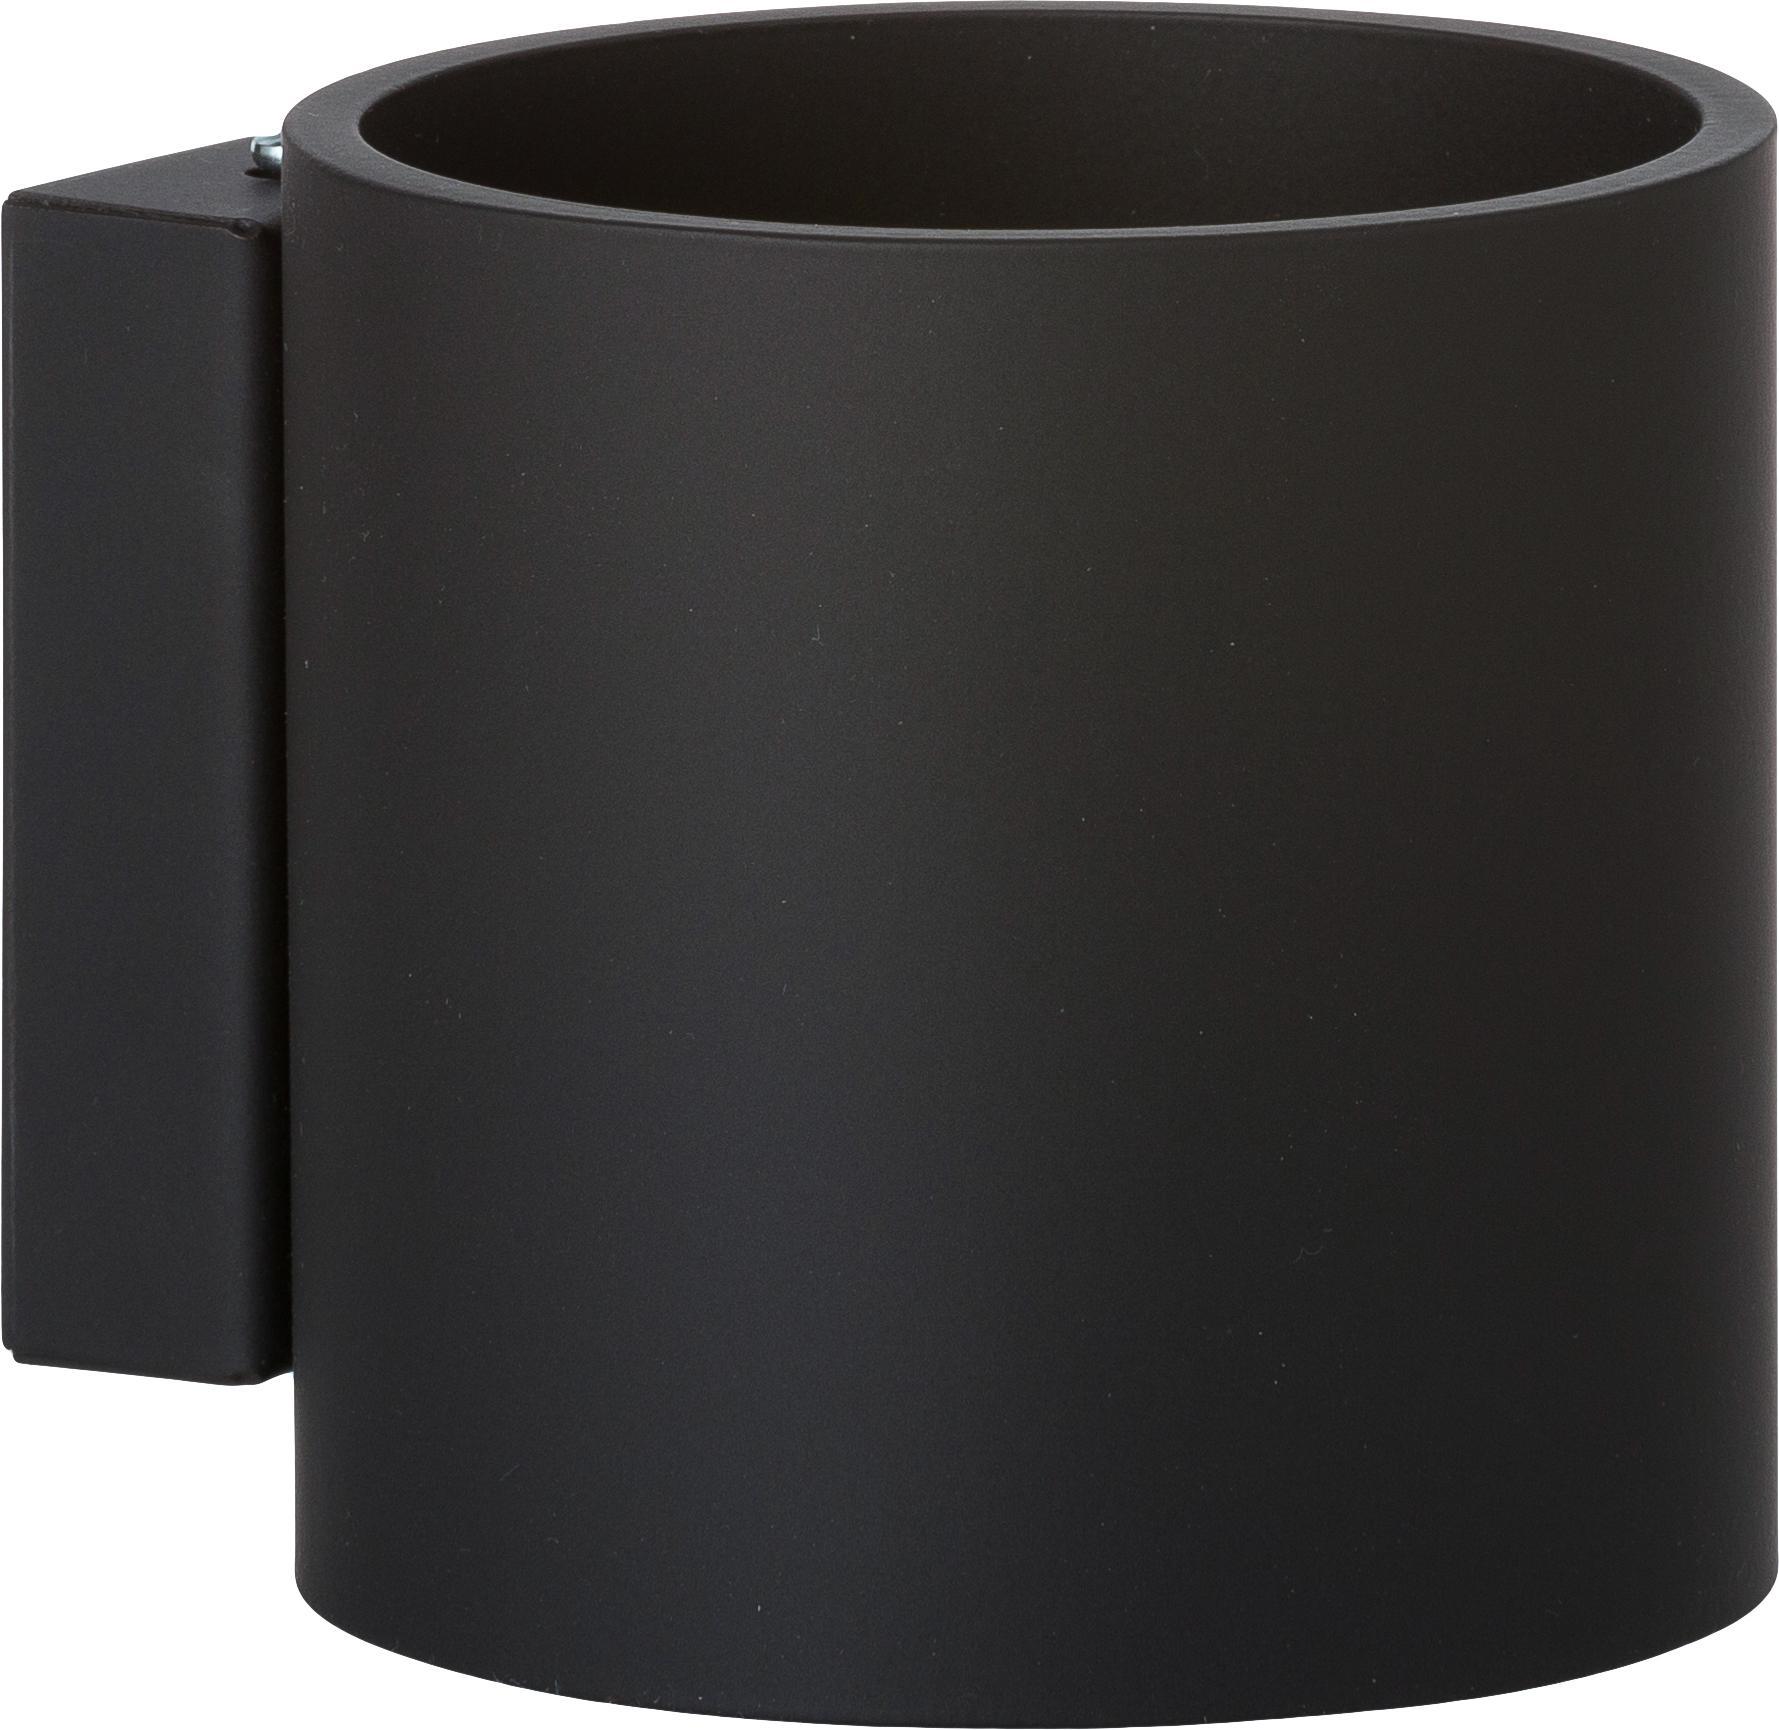 Wandlamp Roda, Gepoedercoat aluminium, Zwart, 10 x 10 cm